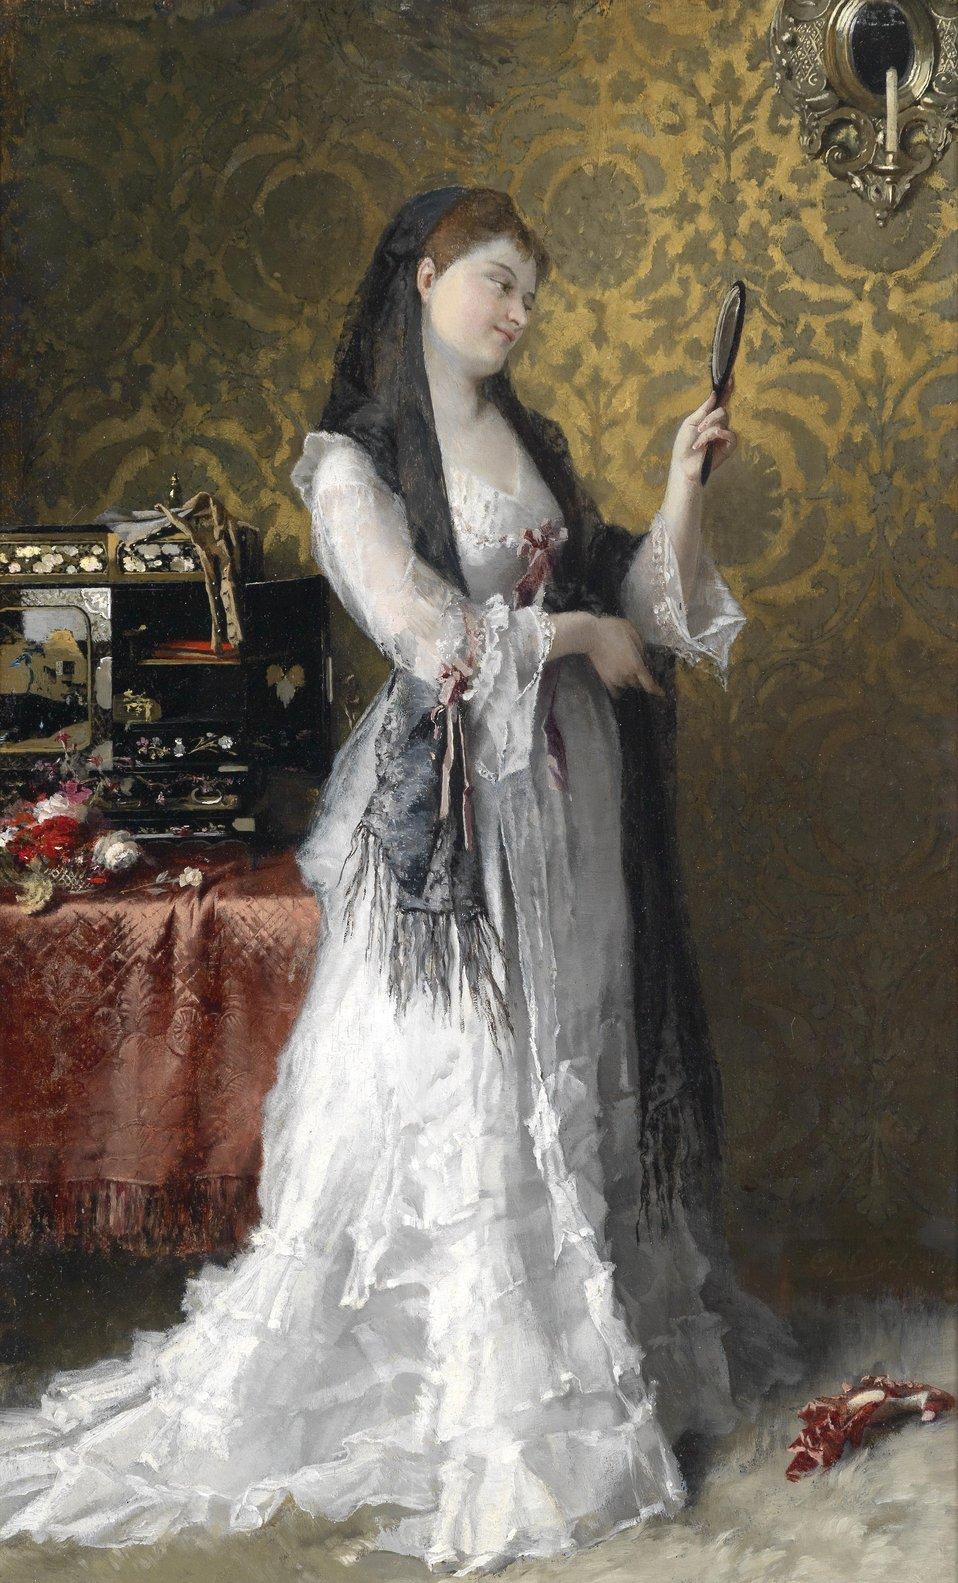 Dame im Boudoir, signiert, bezeichnet C. Kiesel Ddf., Öl auf Holz, 44 x 26,5 cmmittig rest. Sprungbildung,